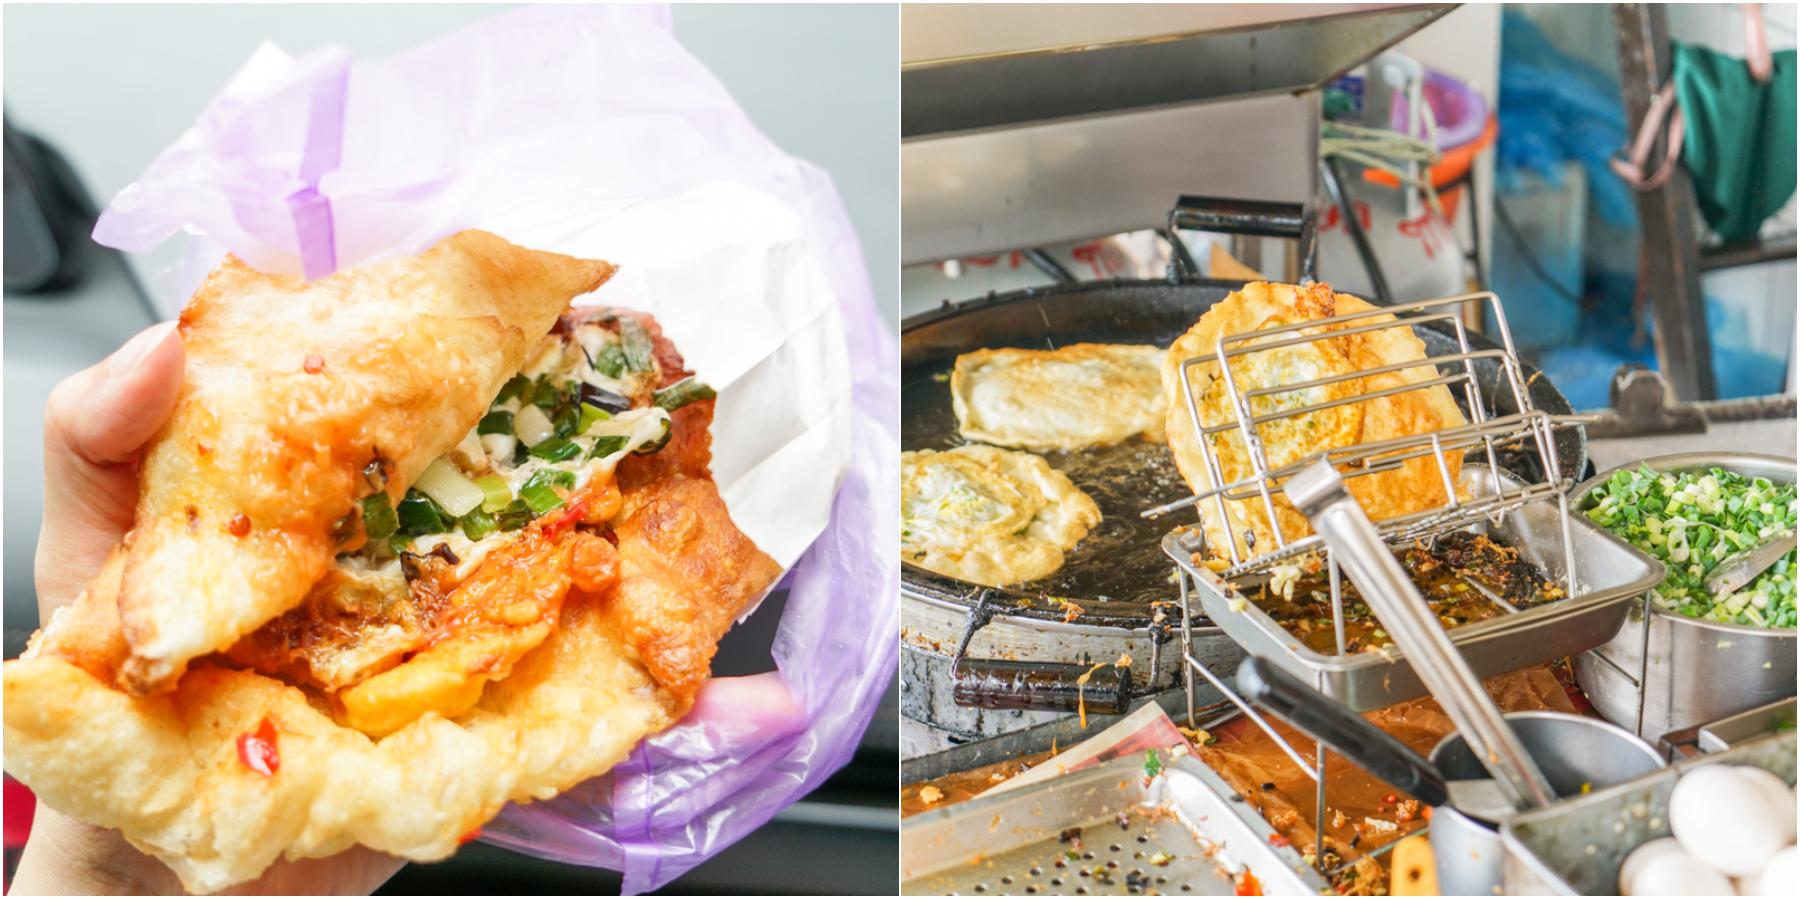 頭城美食|超好吃蔥多多酥香QQ蔥油餅、宜蘭必吃排隊美食『頂埔 阿嬤蔥油餅』 @梅格(Angelababy)享樂日記